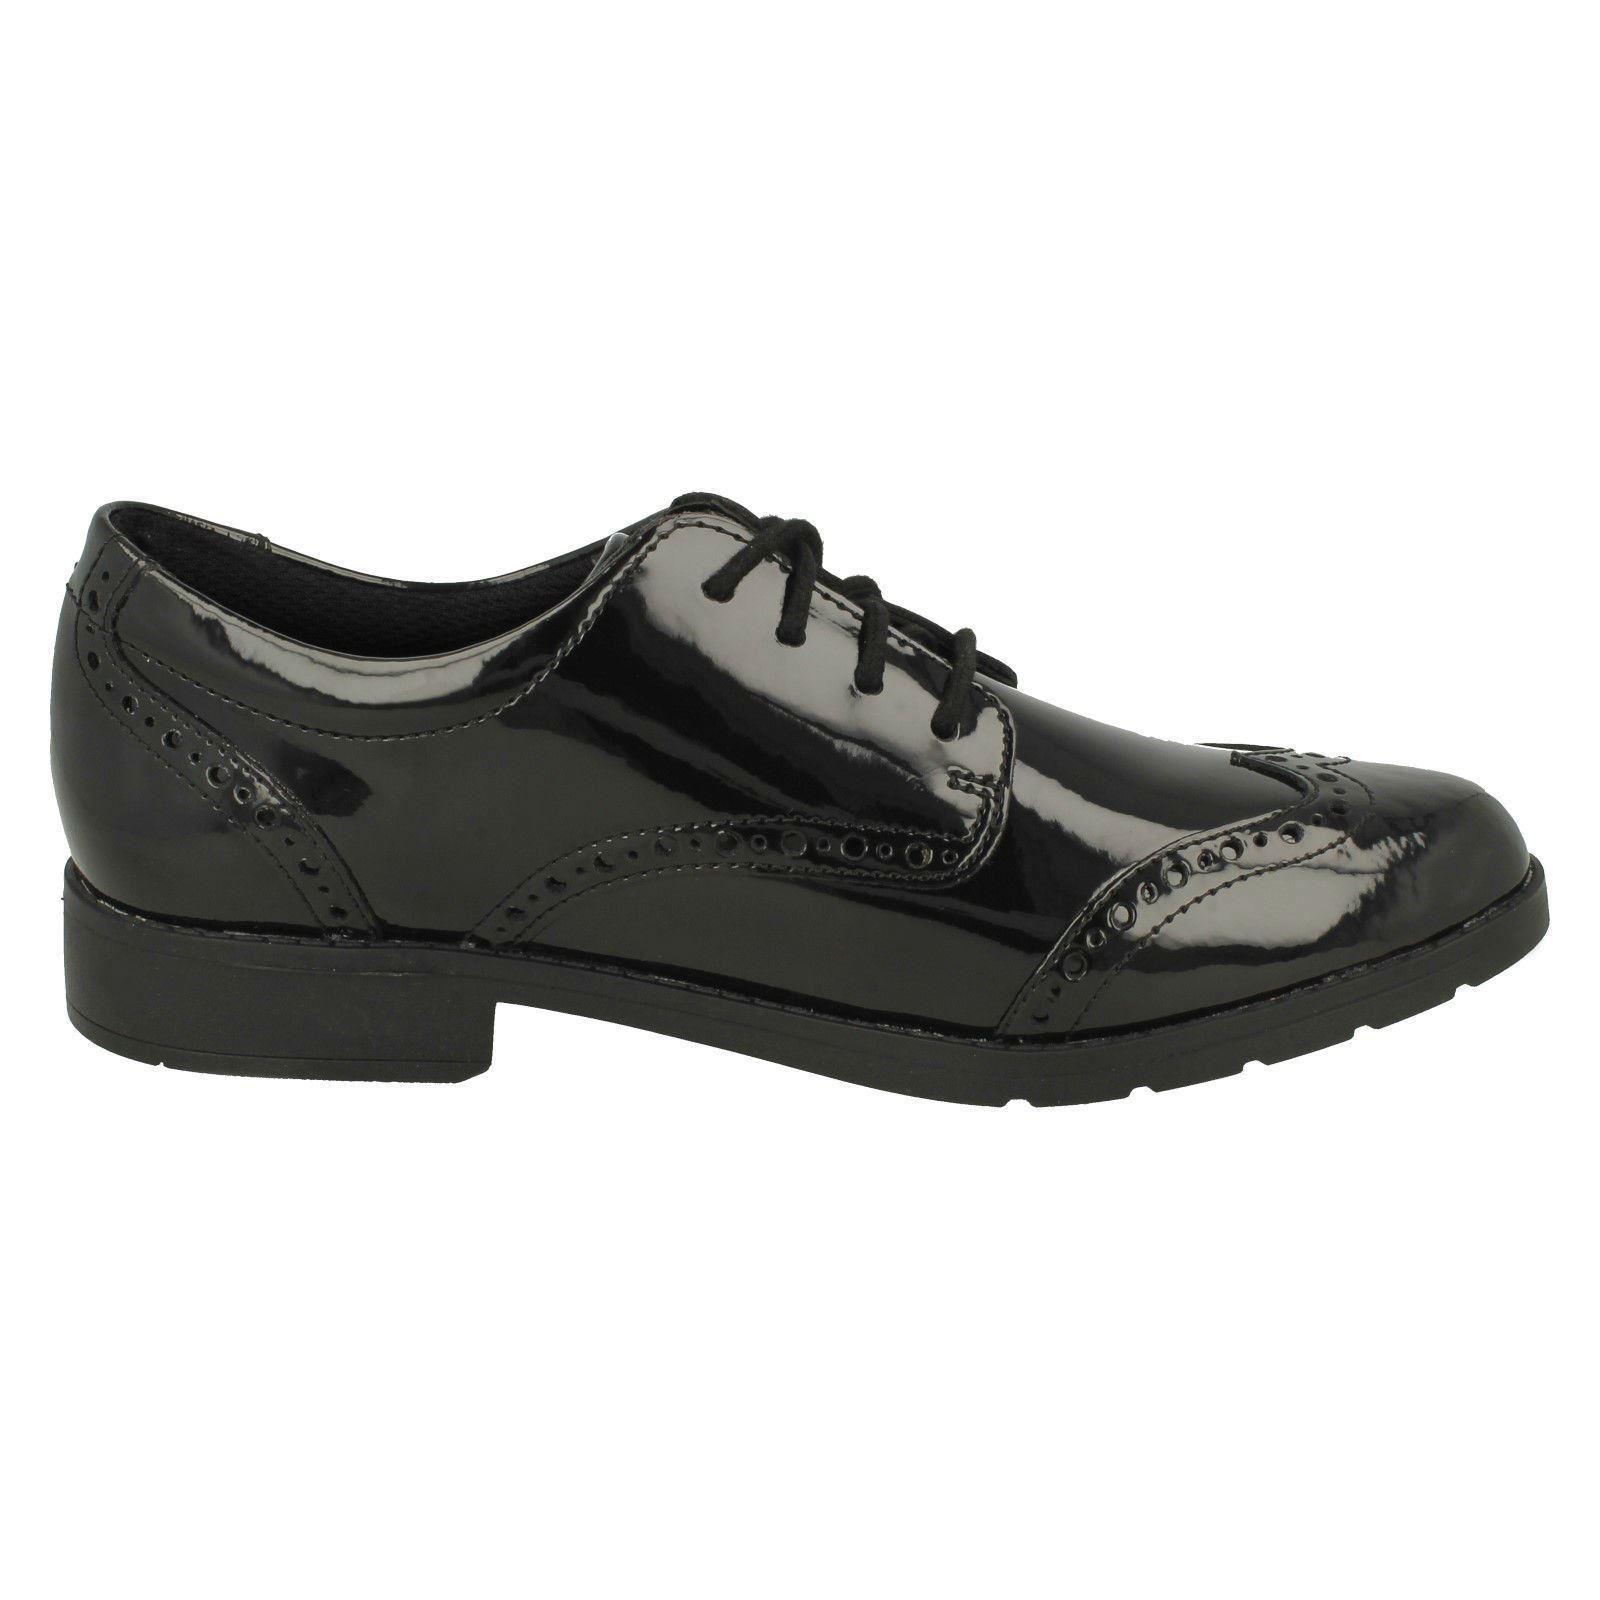 Chicas Clarks Zapatos Con Cordones Estilo Escuela /'Aubrie Craft y/'